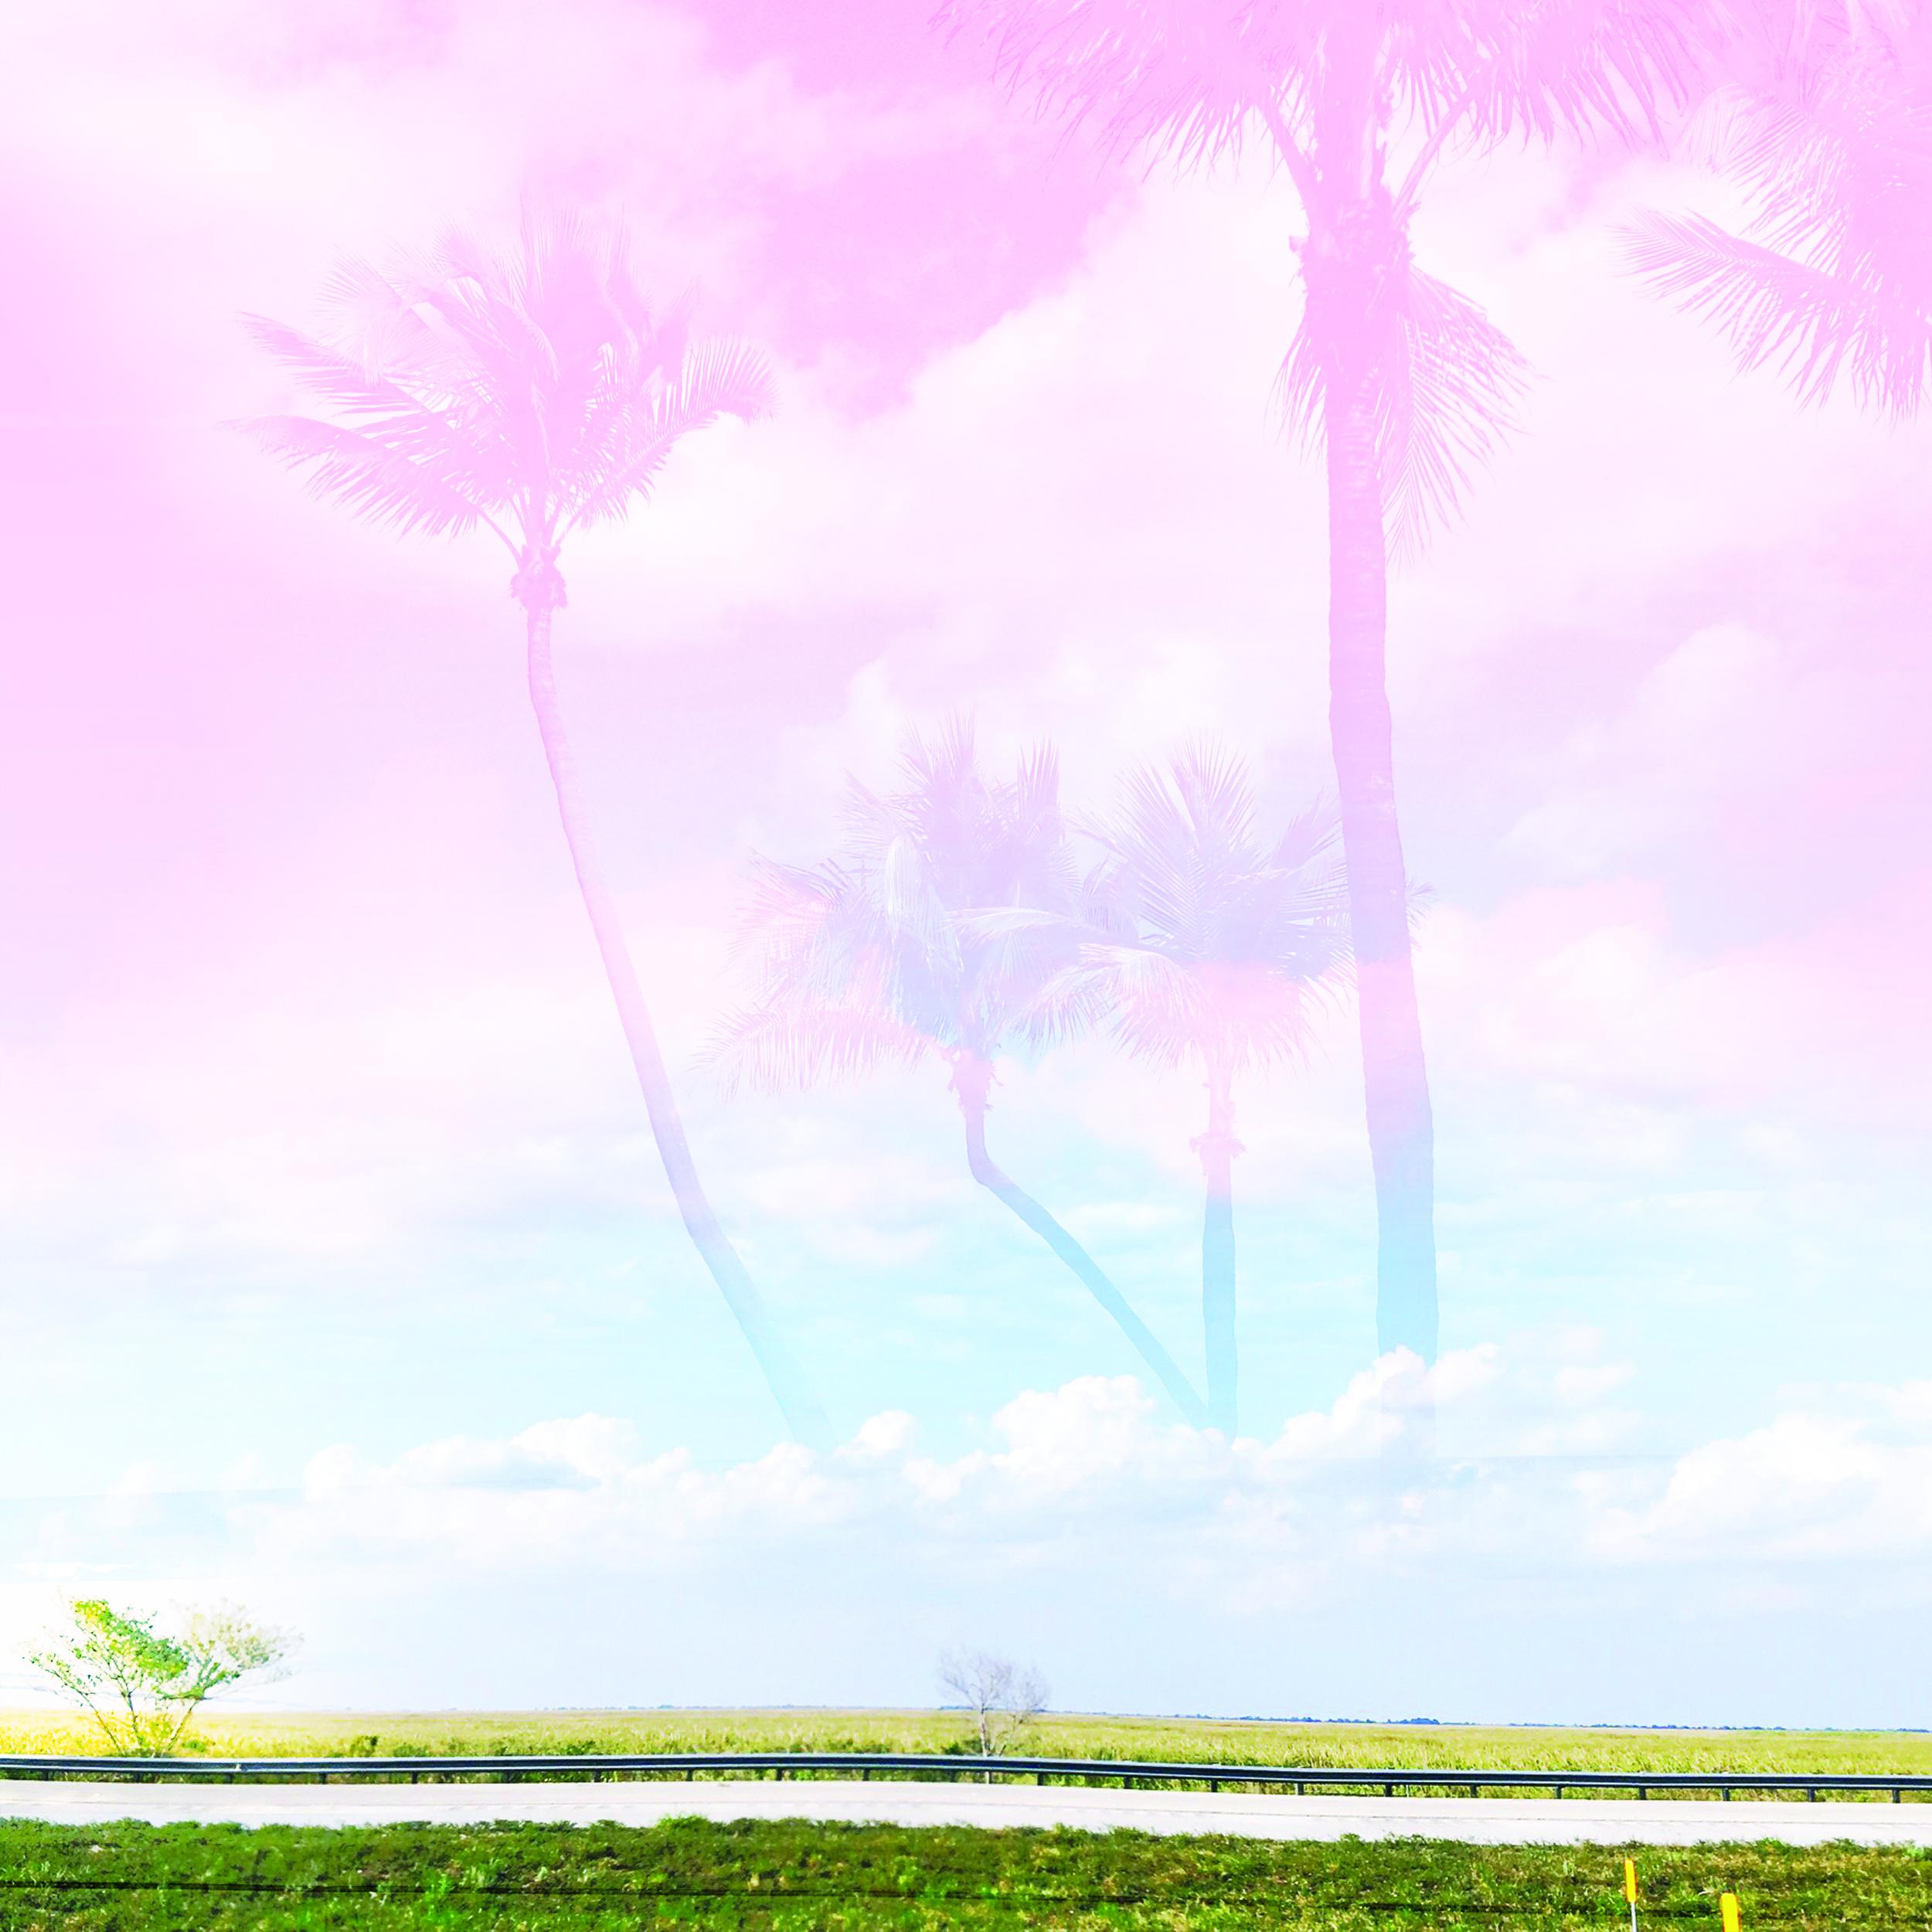 FloridaPink.jpg